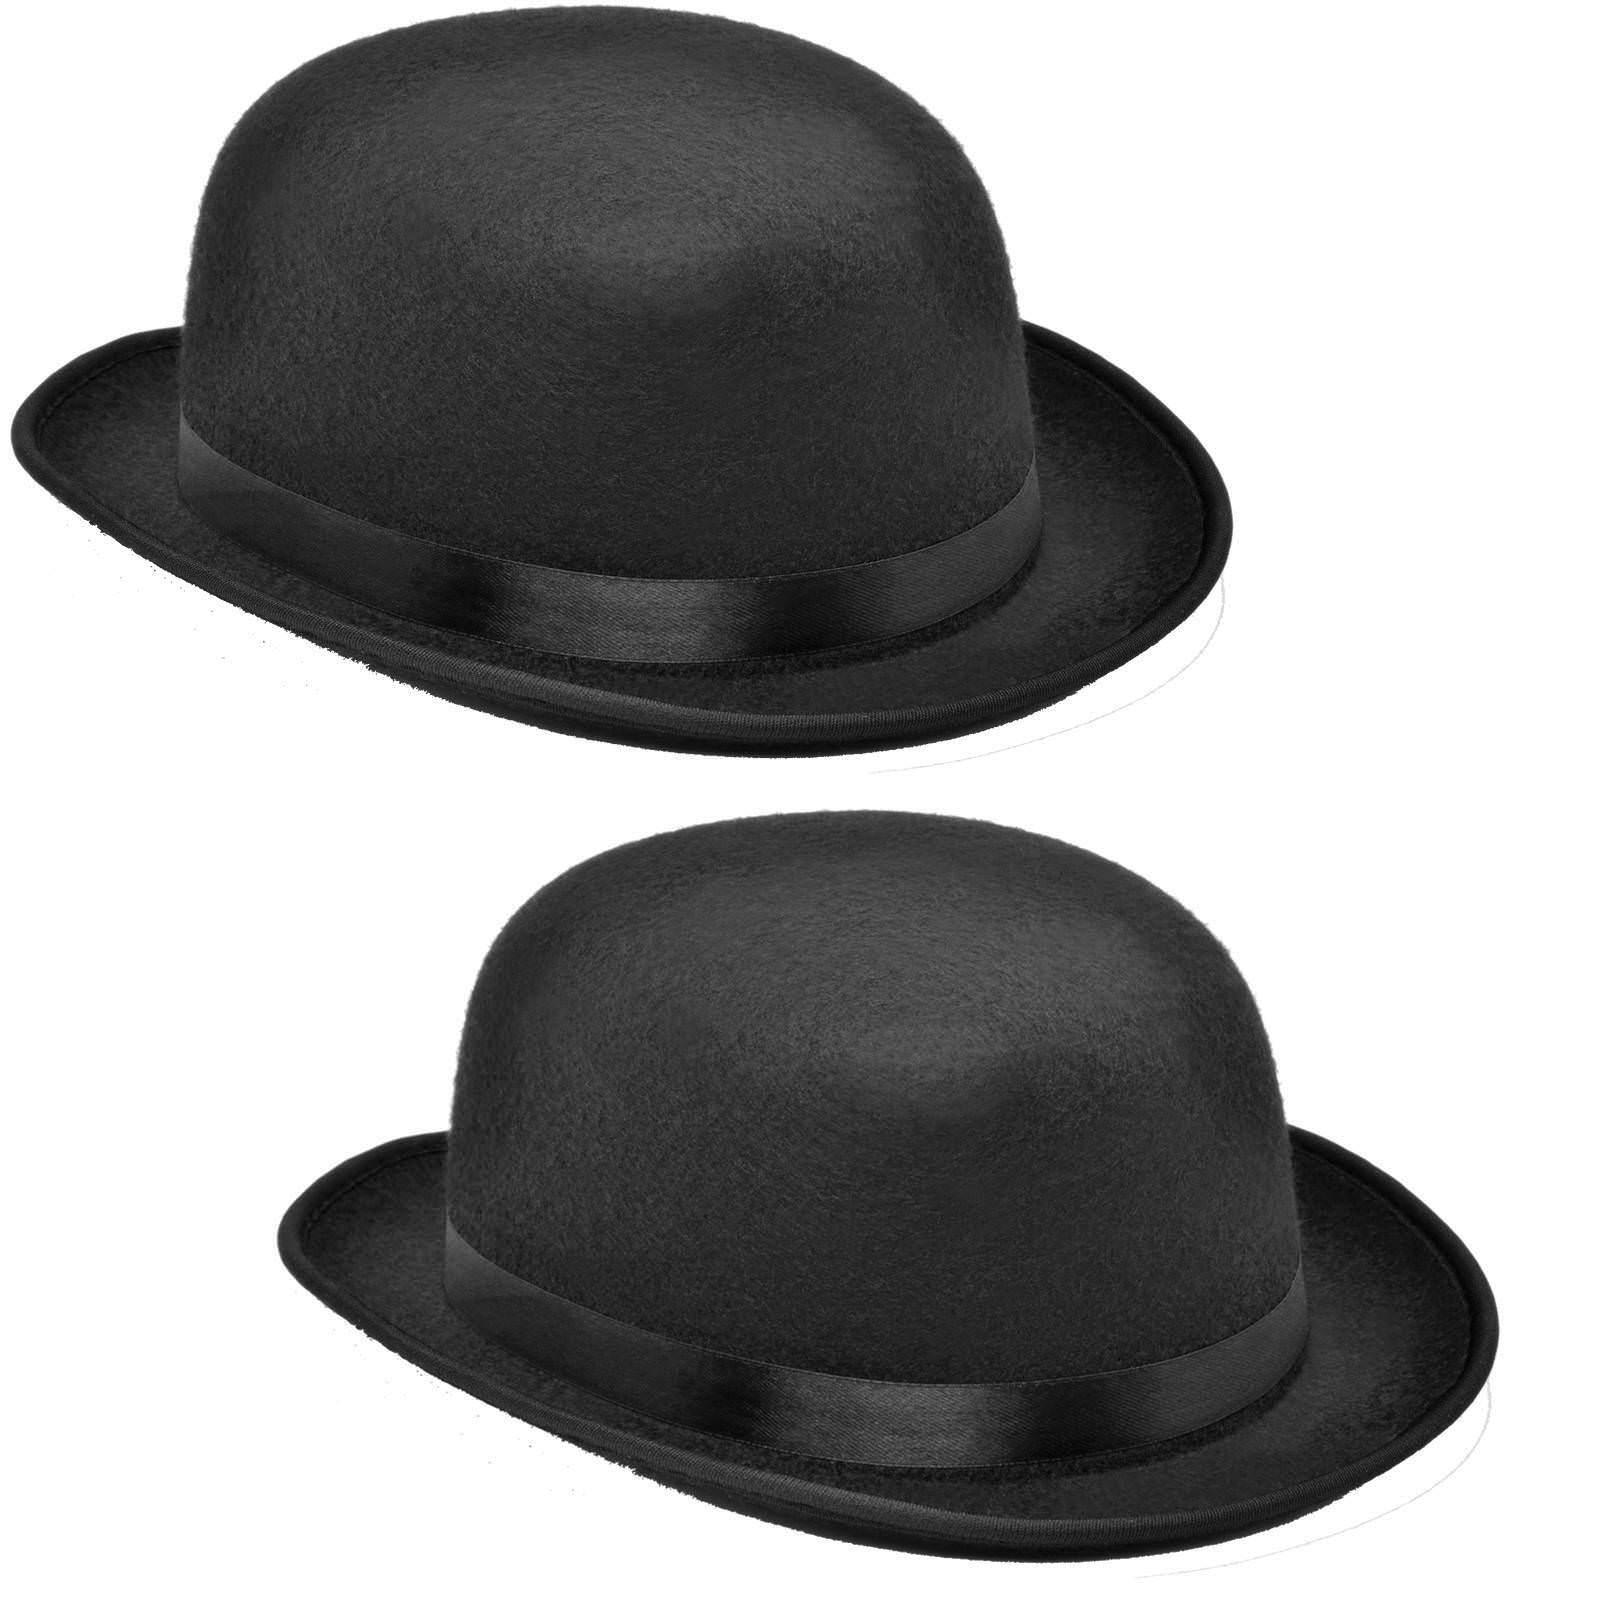 1 x oder 2 x schwarzer Kinder Bowler Hut 54/55 Melone schwarz Reiterhut Chaplin